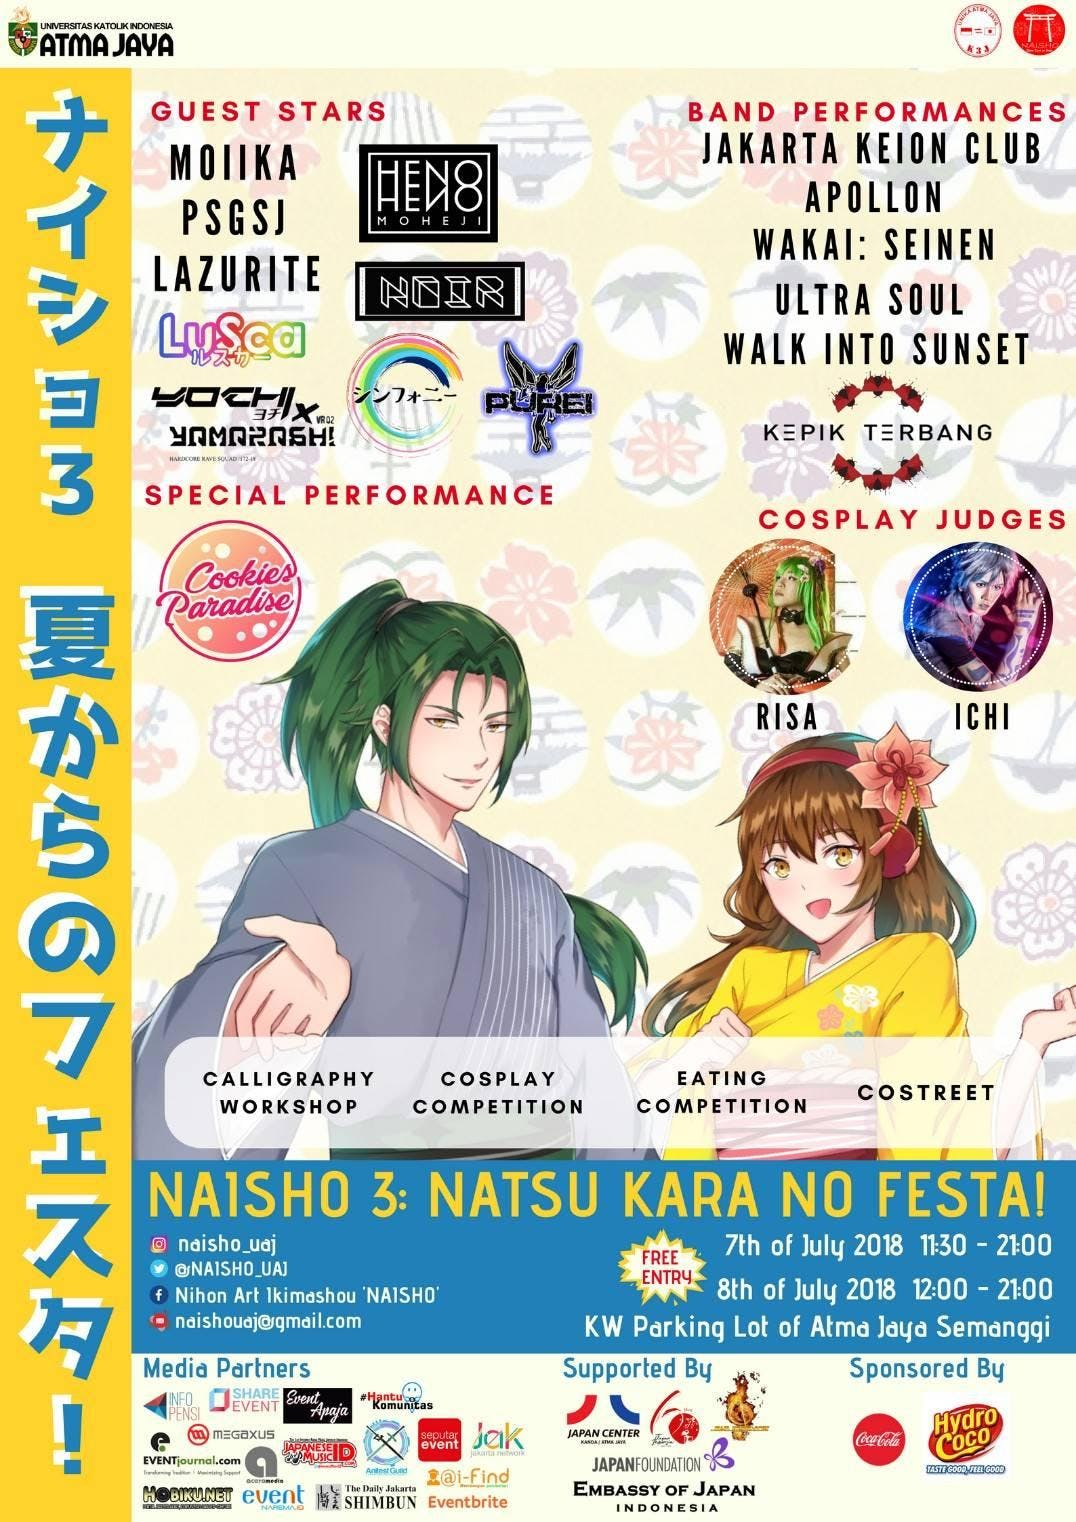 NAISHO 3 Natsu Kara no Festa